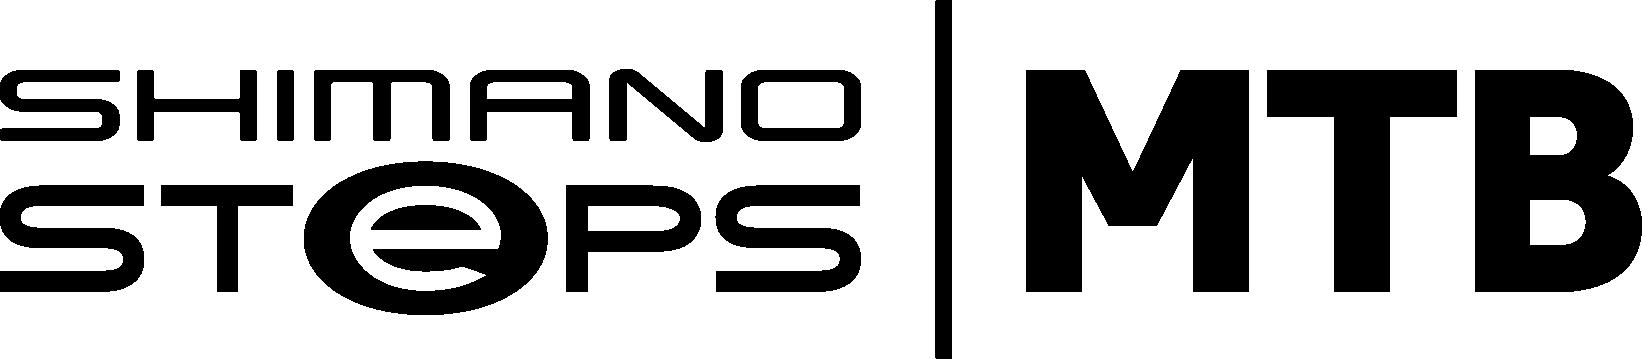 shimano_steps_logo-MTB[1]